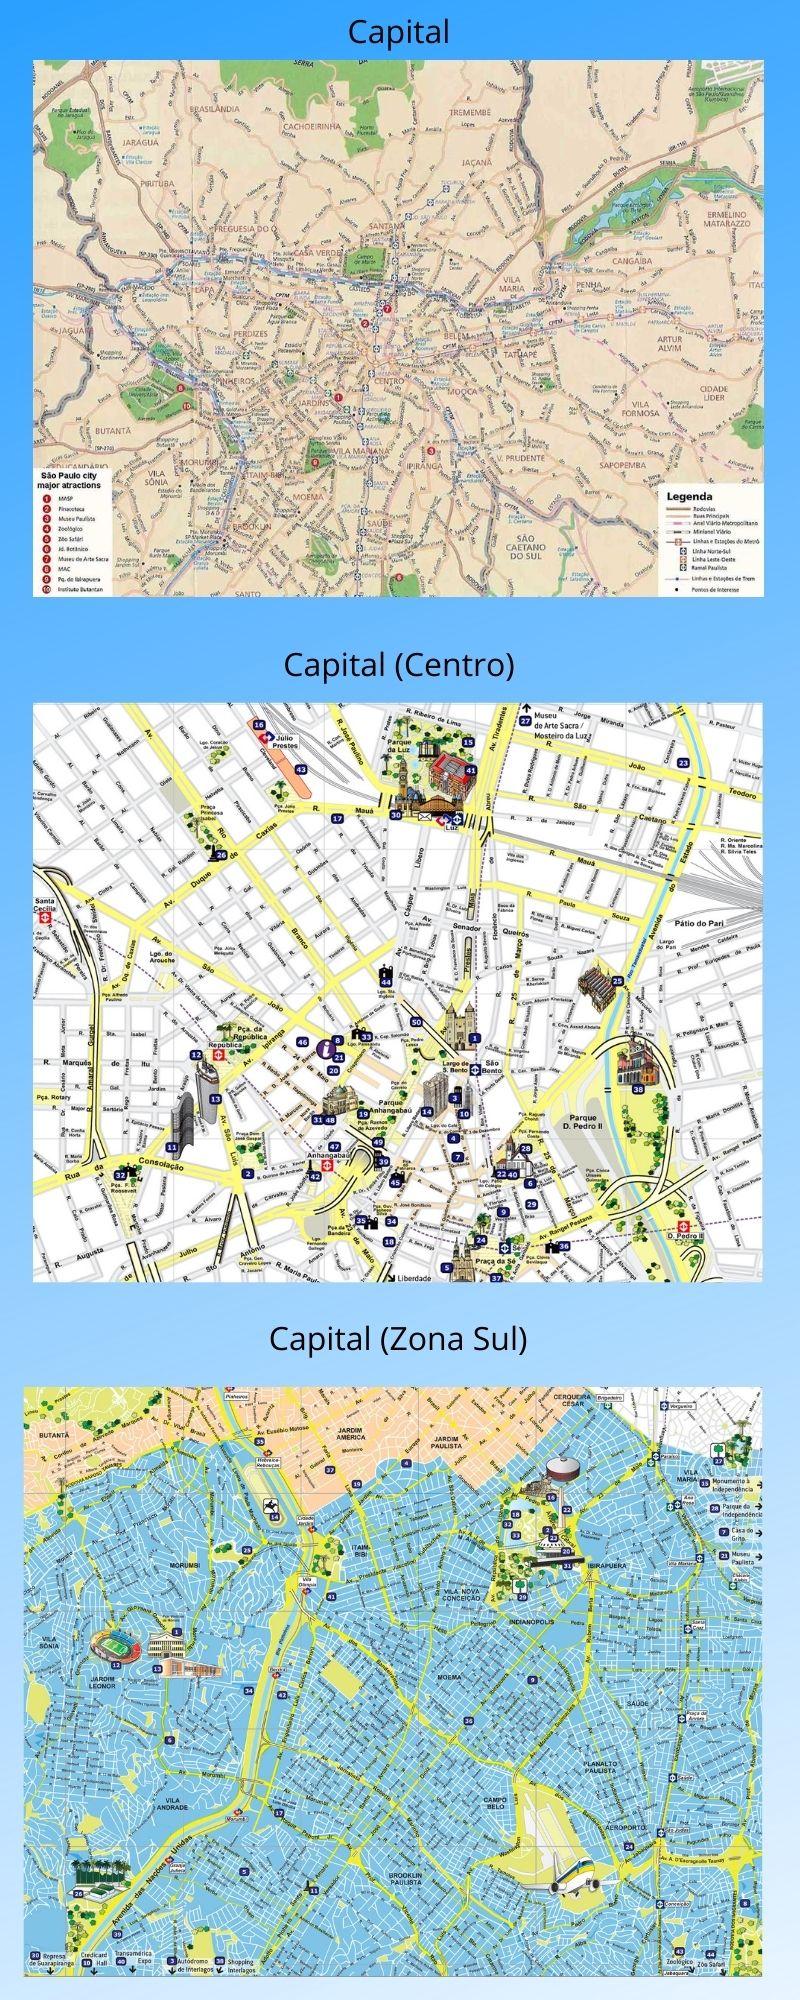 Infográfico Atrações Turísticas de São Paulo (Capital e Região Metropolitana) 2